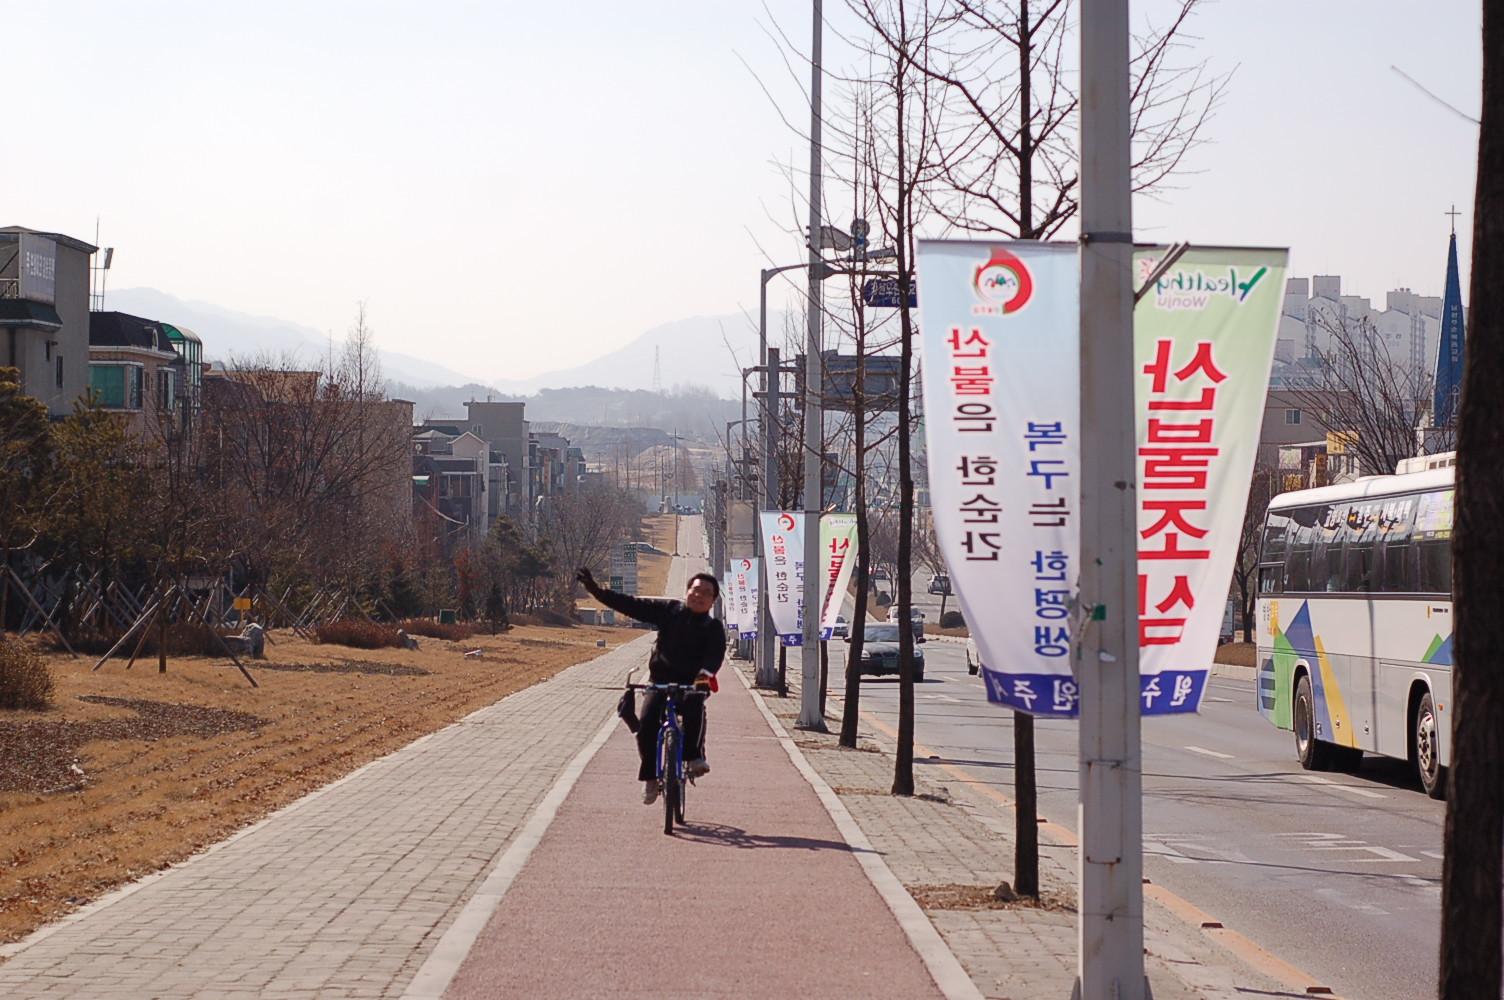 스트라이다 여행기 1일차 (남원주~평창)  2008. 2. 15.